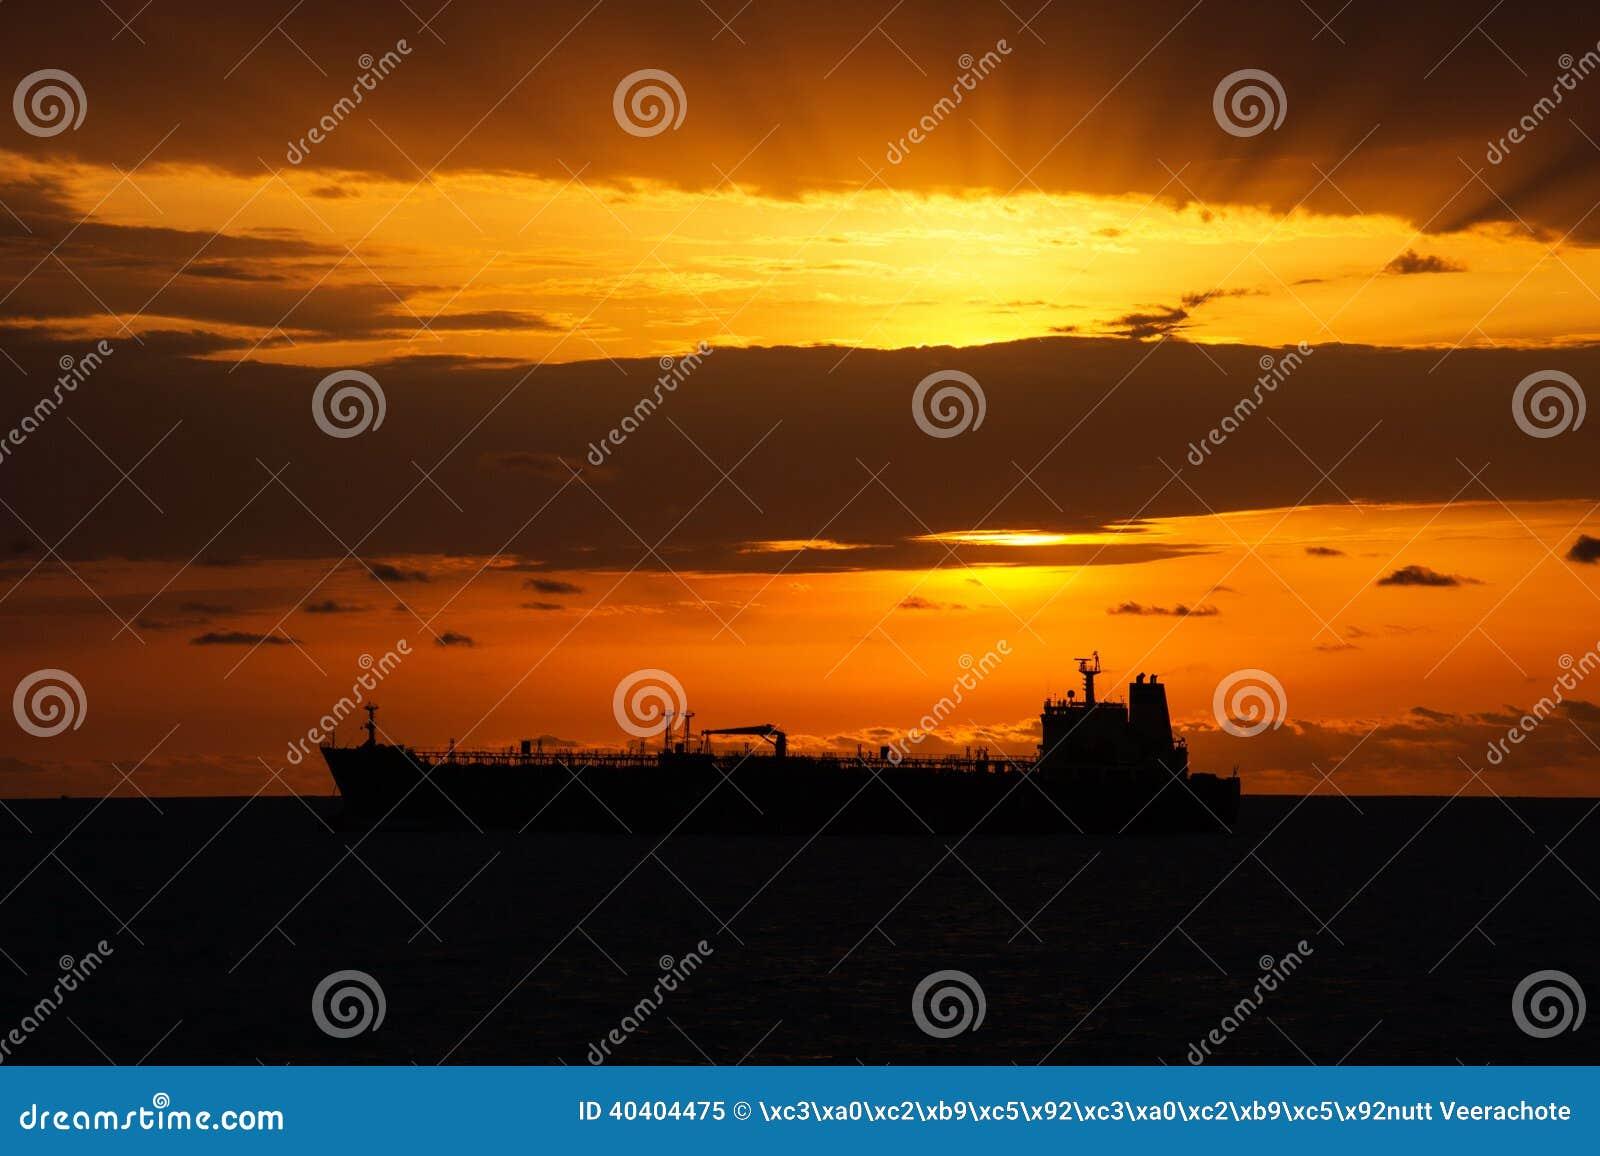 Vrachtschip onder de zonsondergang